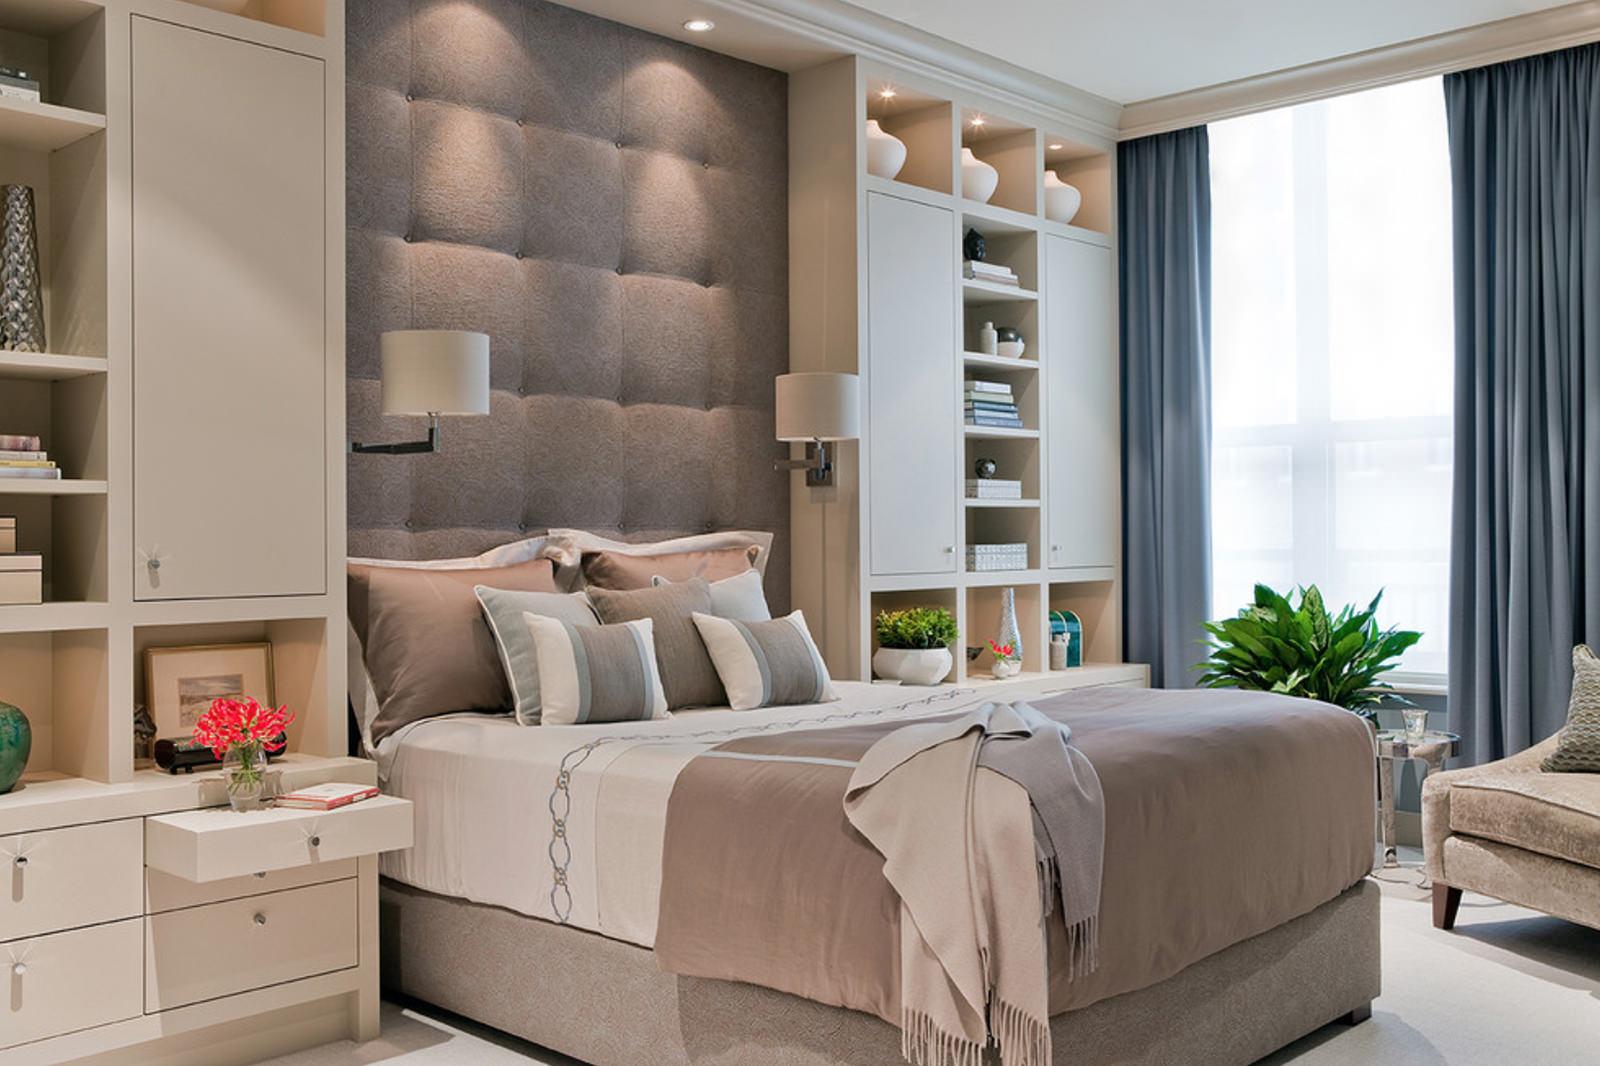 بالصور الوان غرف نوم , بالصور اجمل الوان لغرف النوم 3377 10